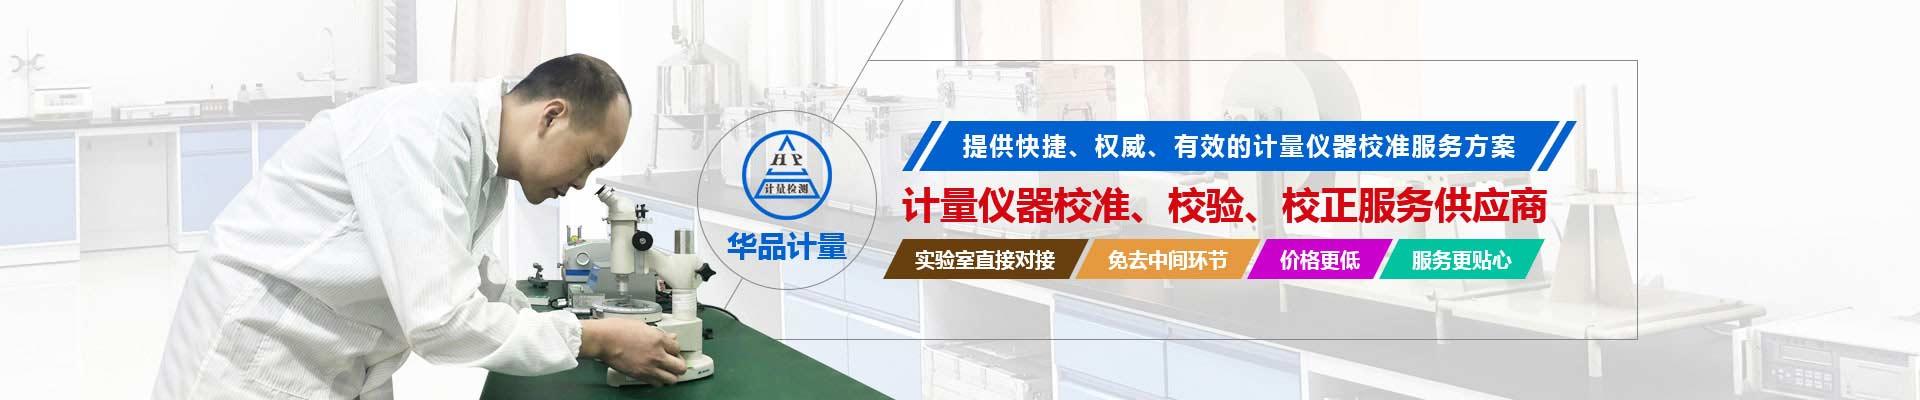 计量仪器校准、校验、校正服务供应商